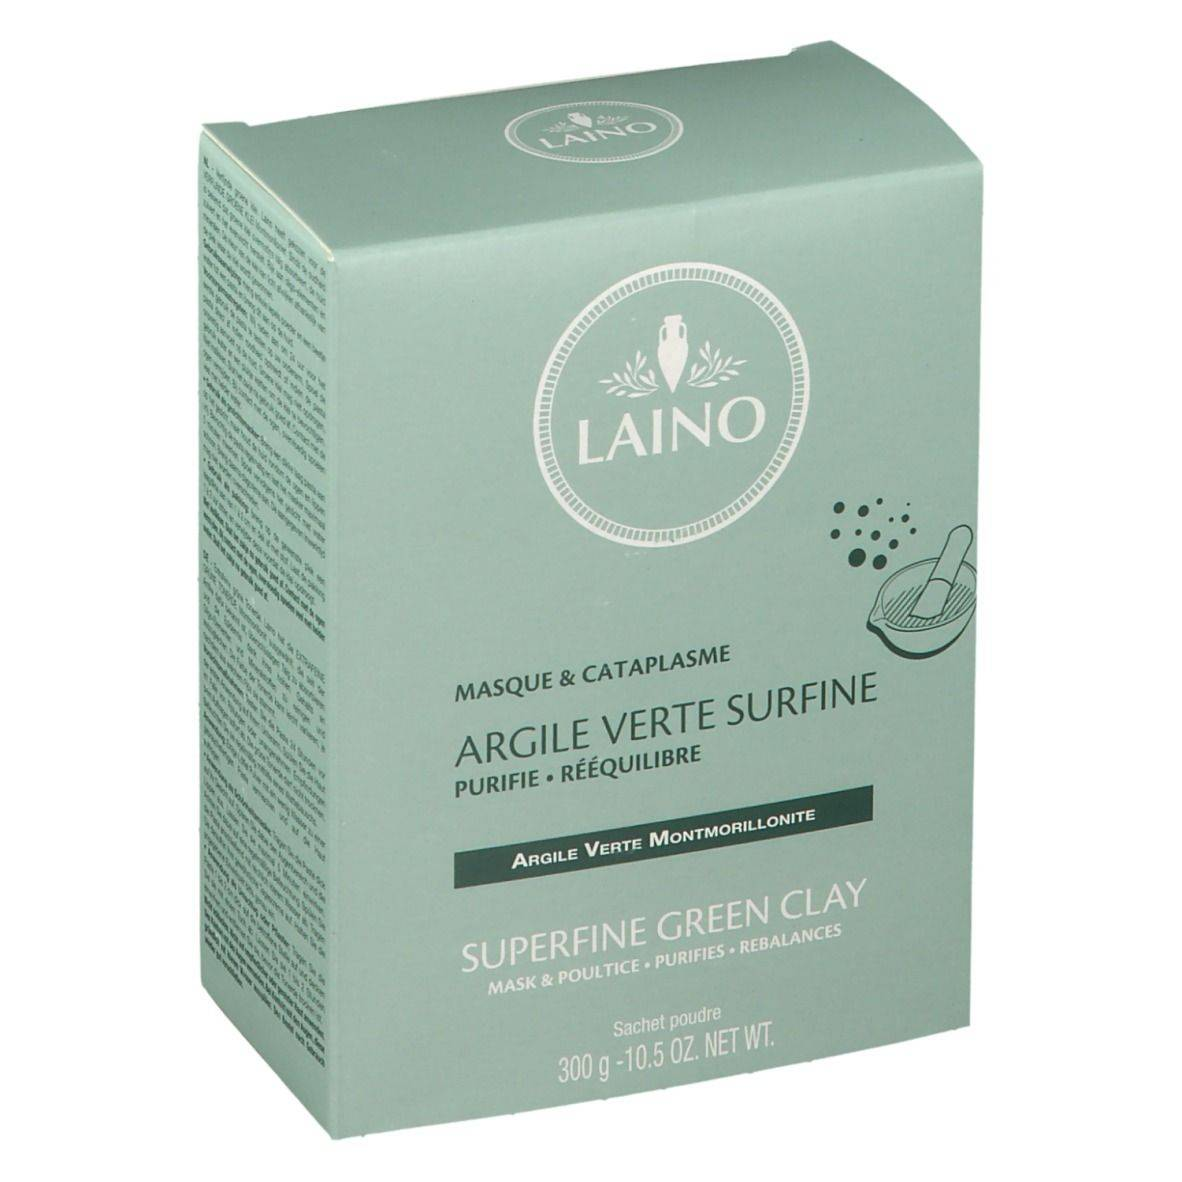 Laino Argile verte poudre surfine g masque(s) pour le visage